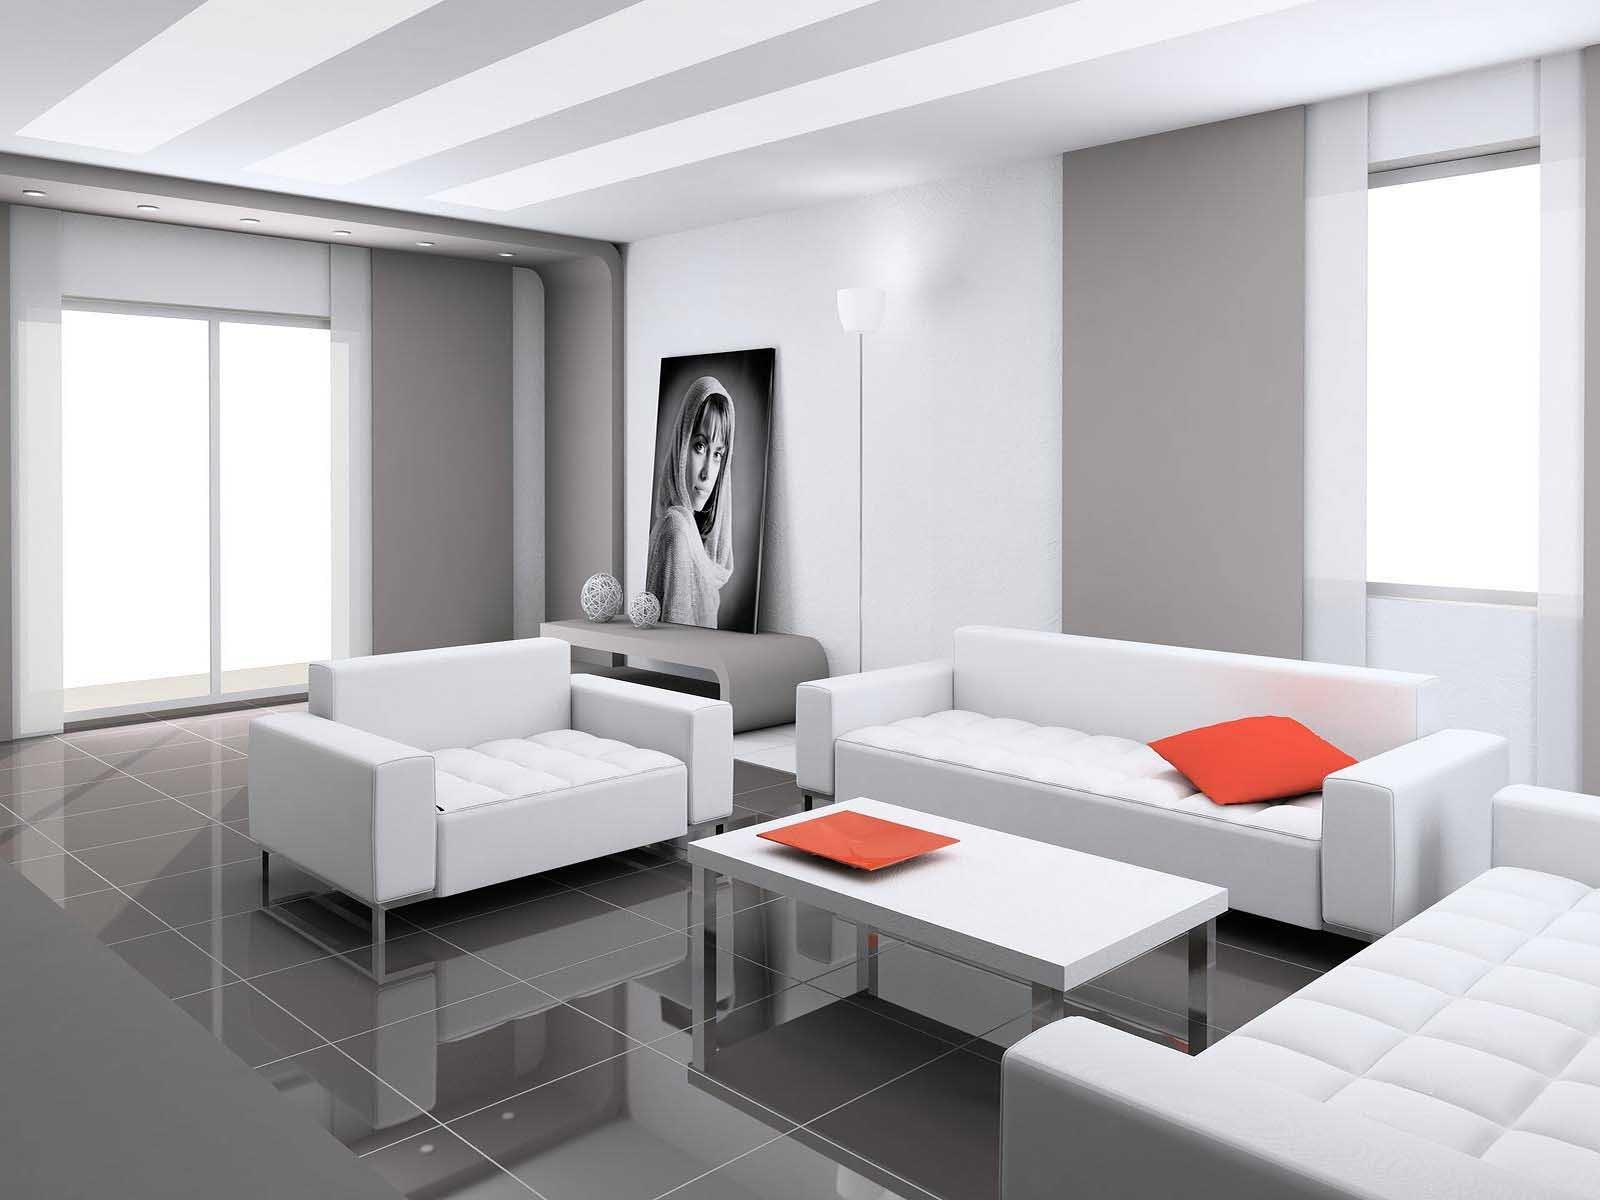 Минимализм в квартире подходит для спокойных людей